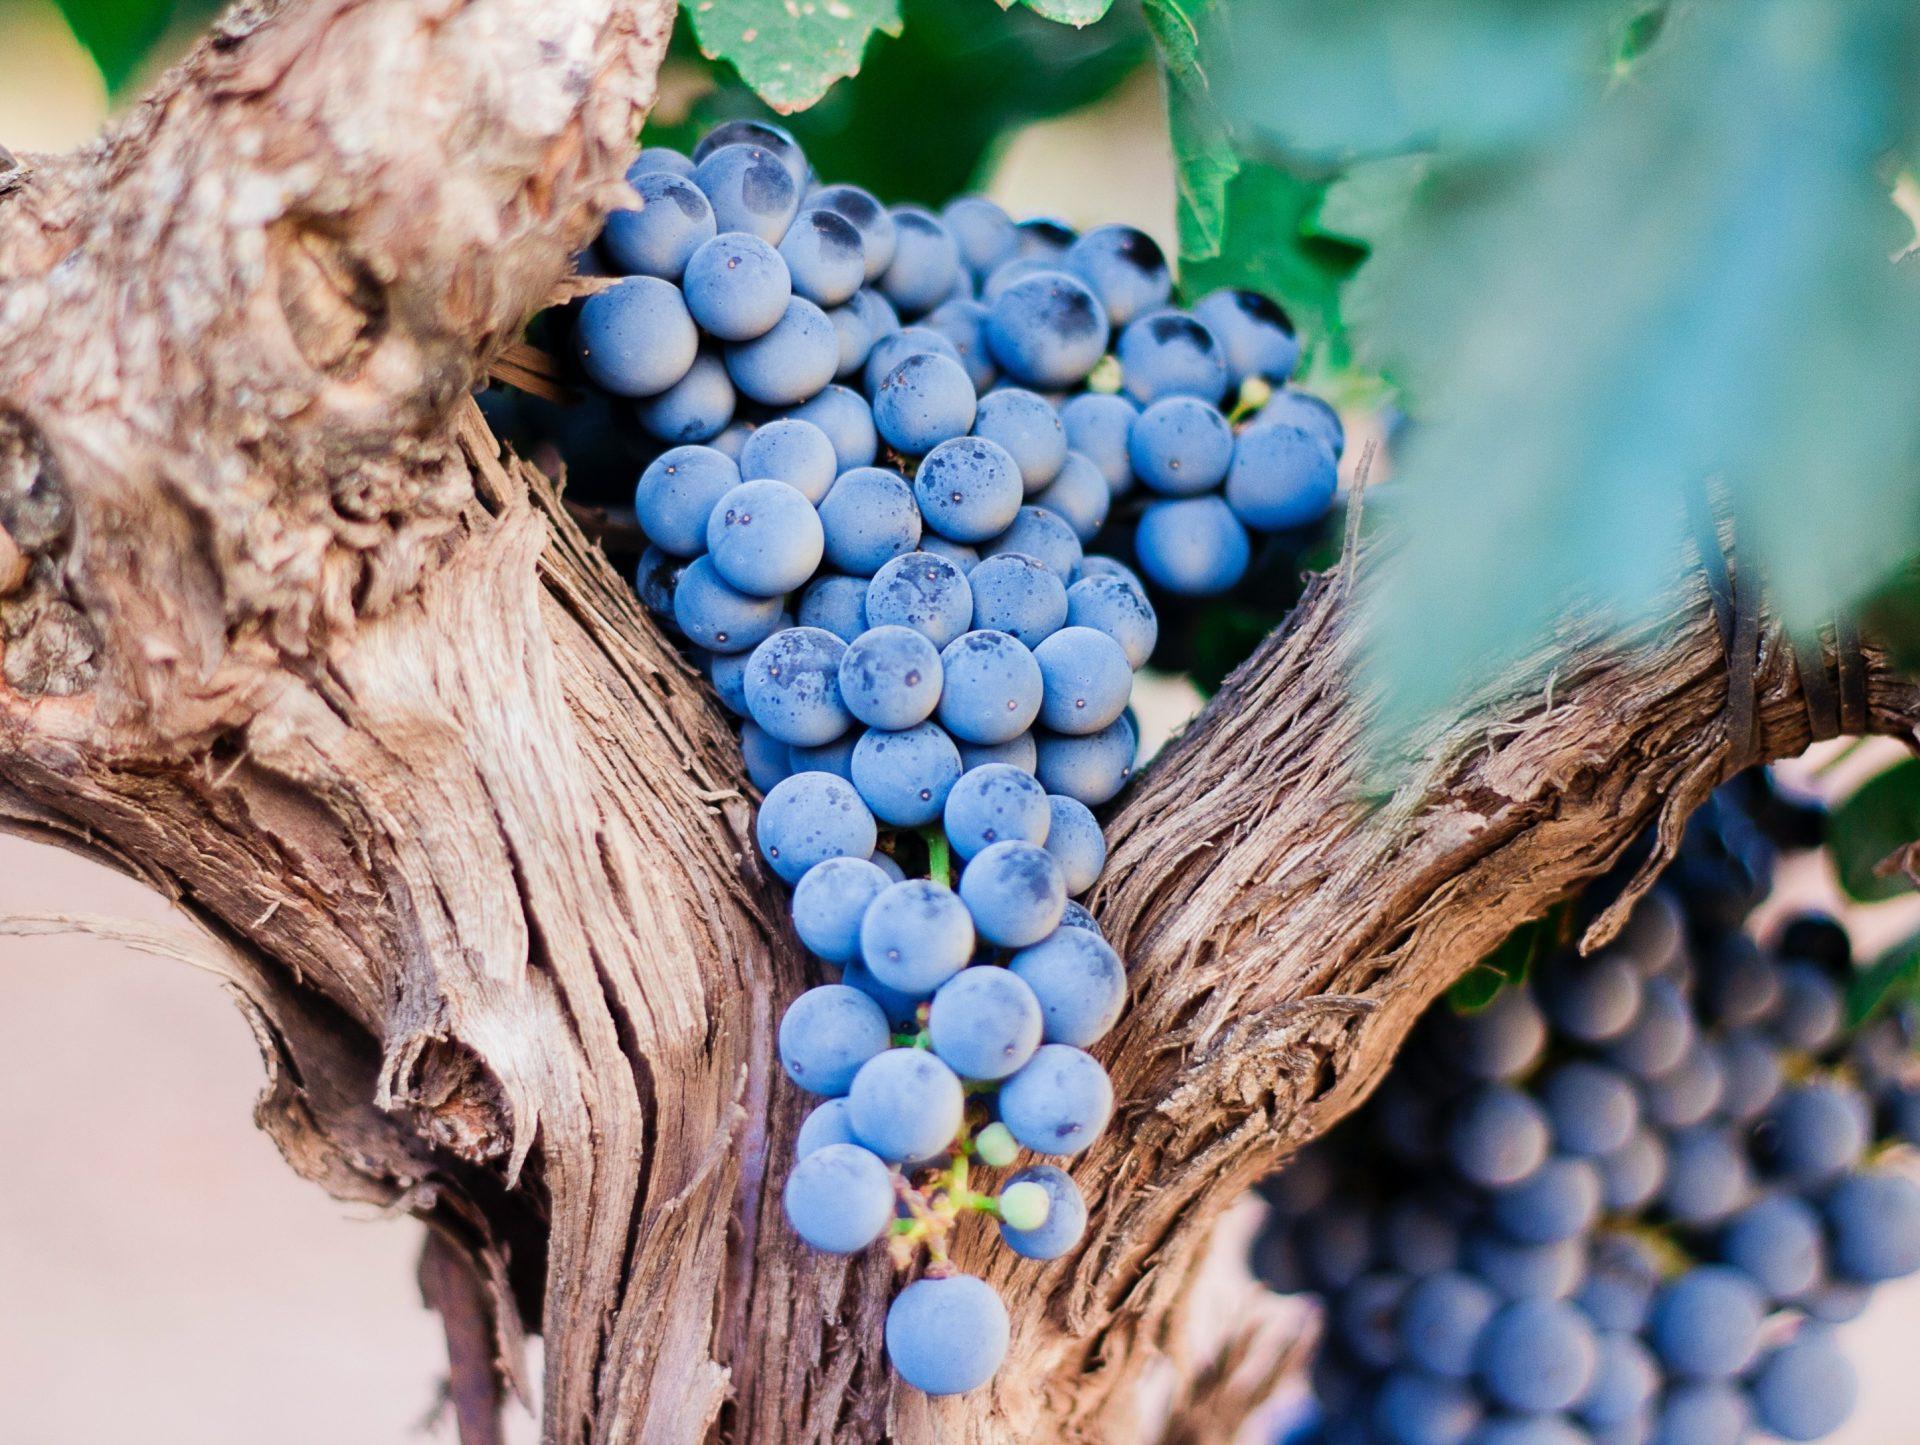 Giornate all'insegna del vino perfetto!